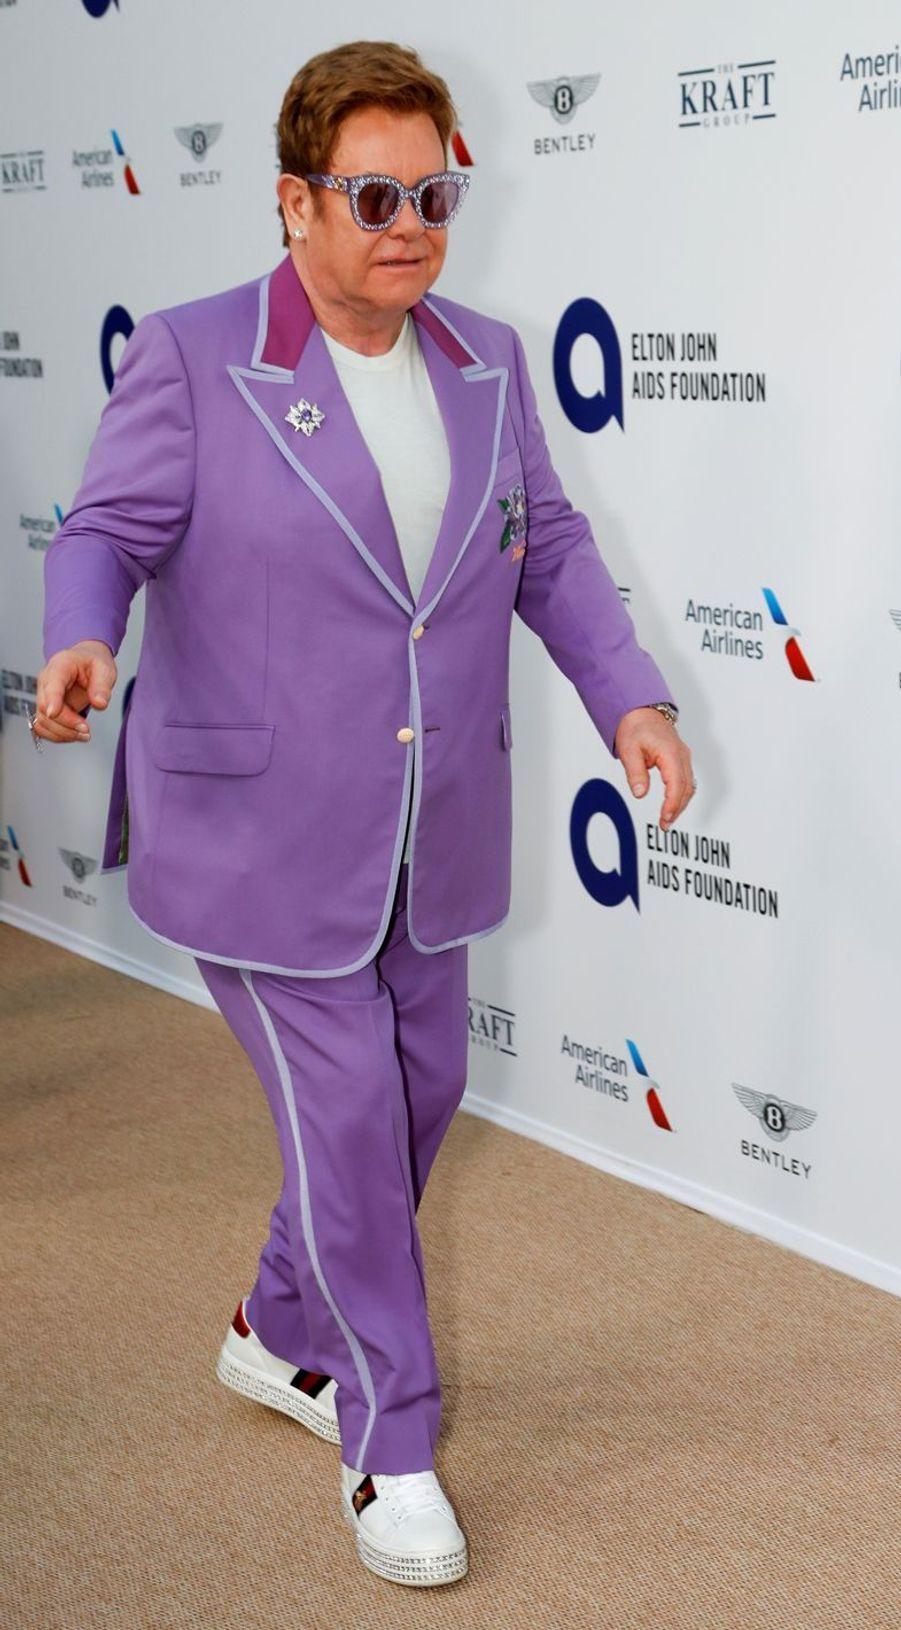 Elton John a lutté pendant près de vingt ans contre la dépendance à l'alcool, à la cocaïne et aux médicaments avant de tout arrêter en 1990.